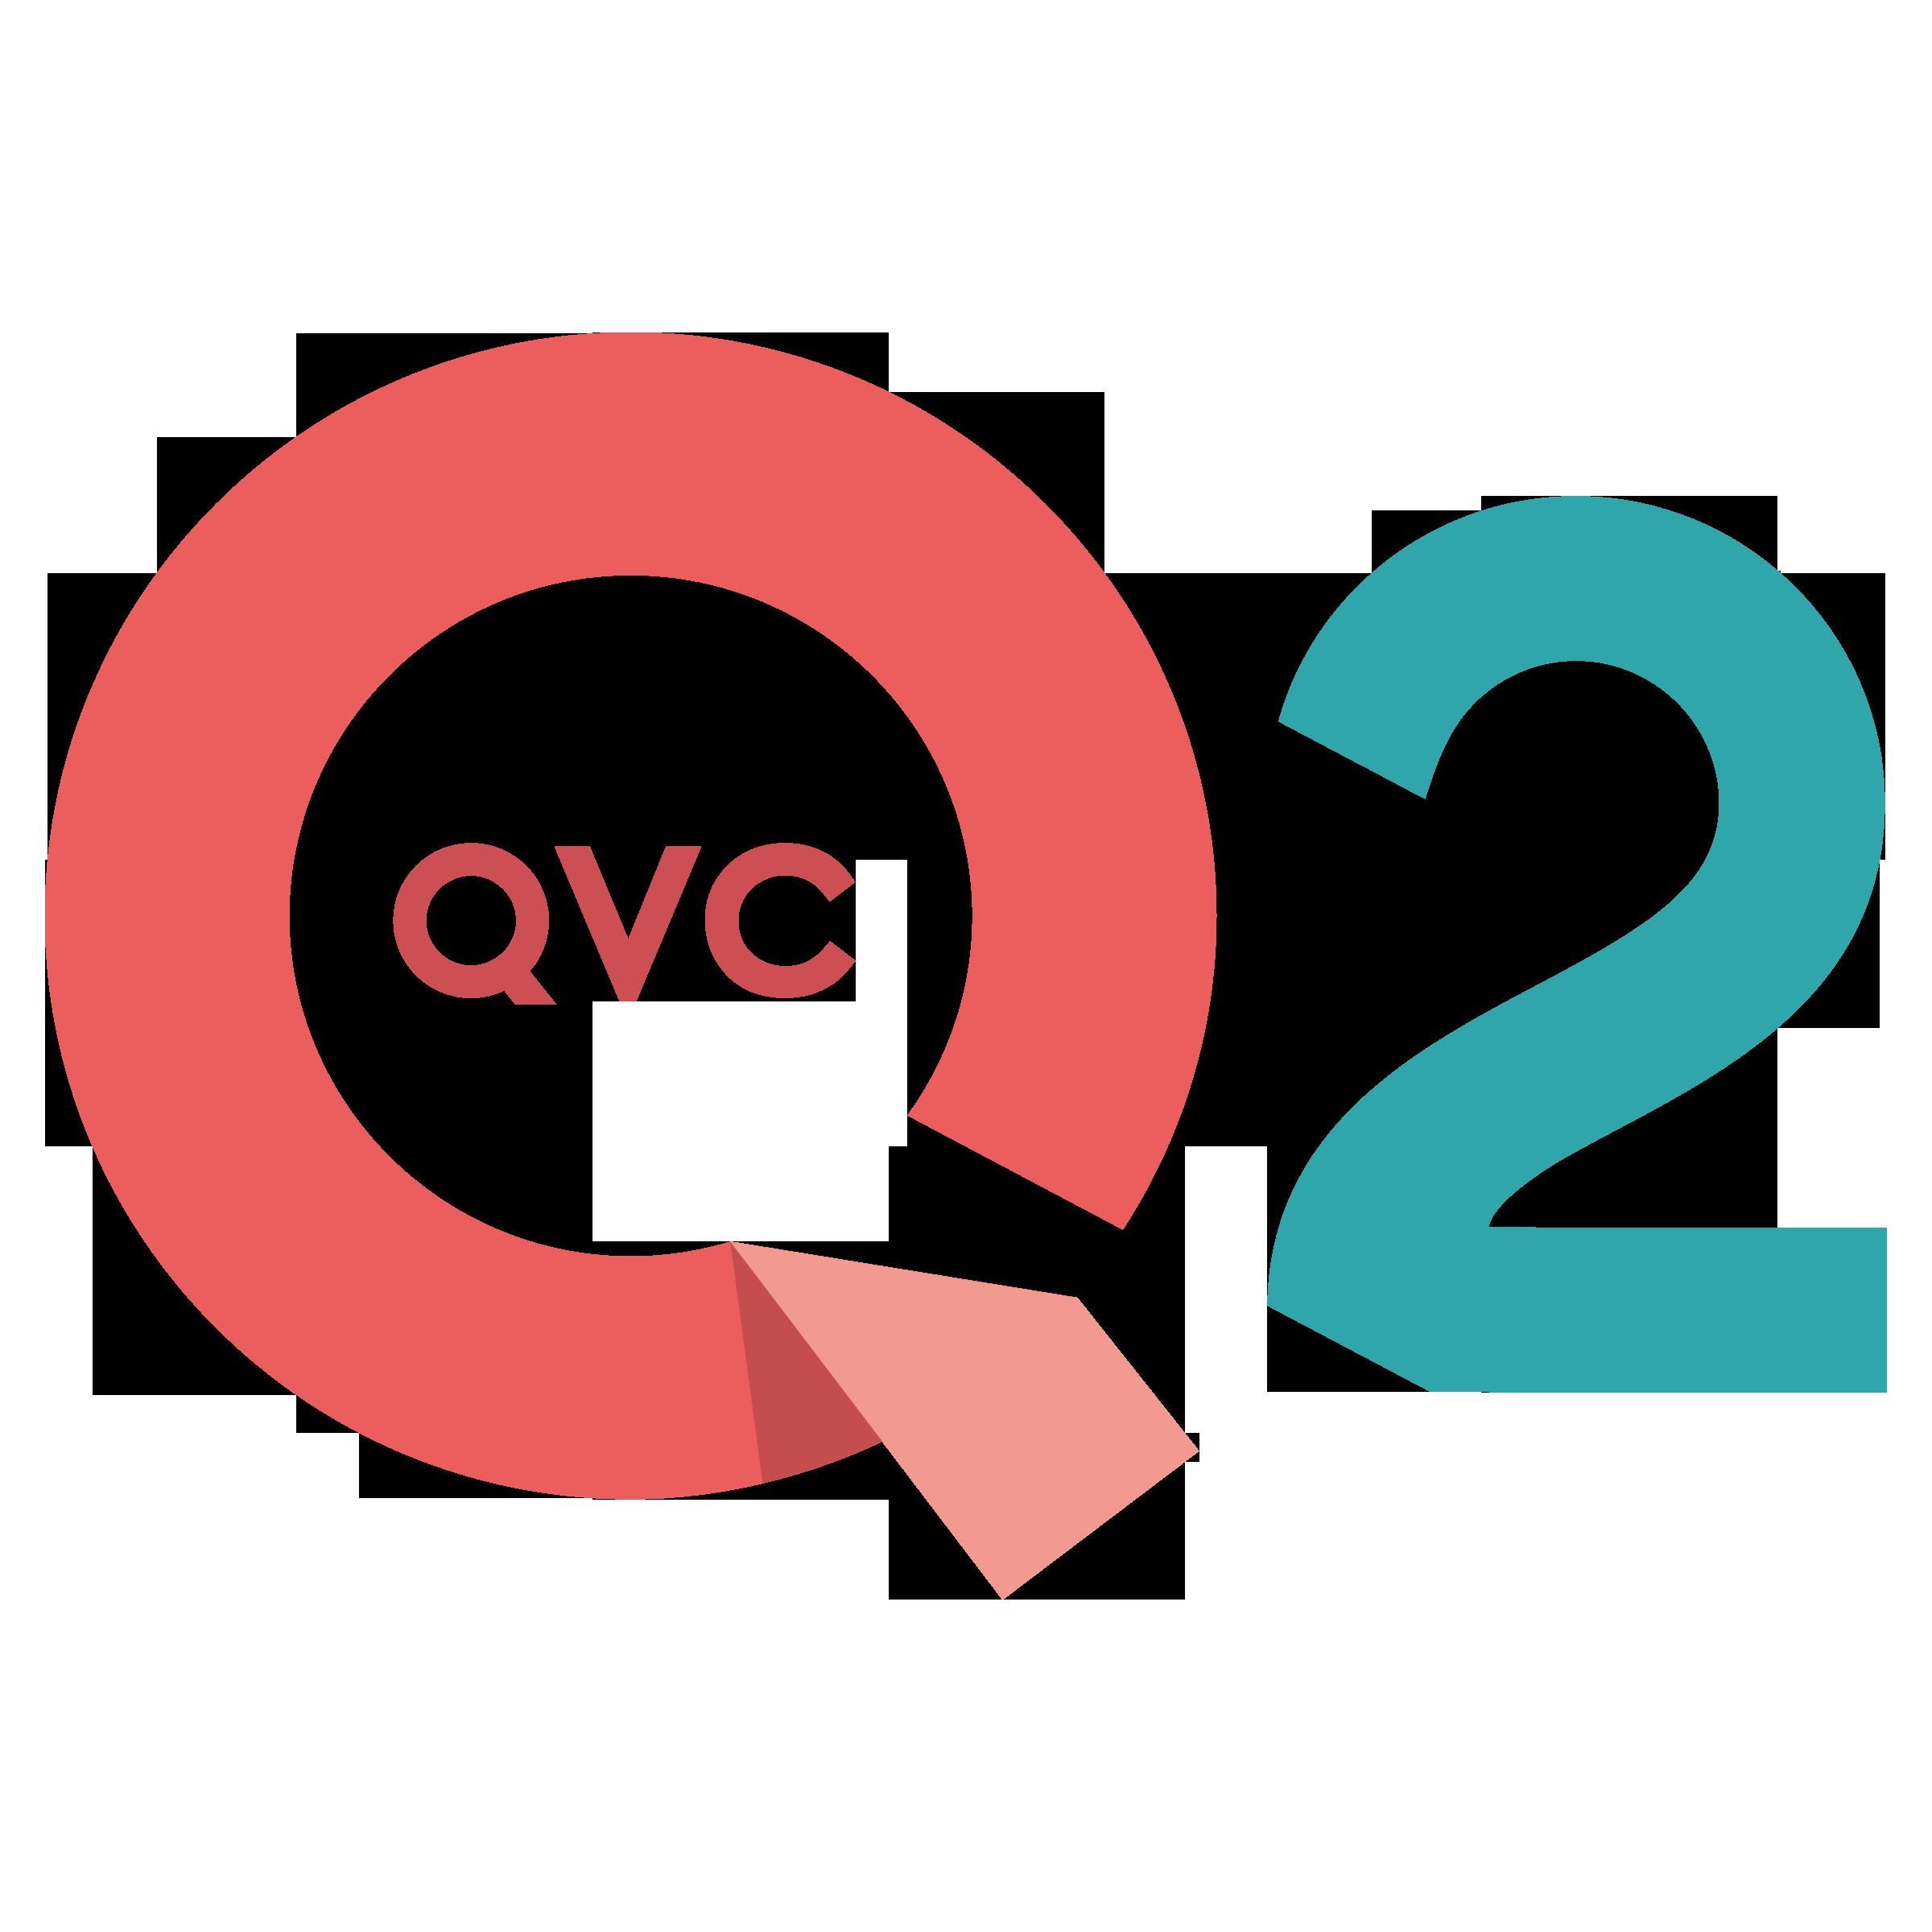 Qvc2 Live